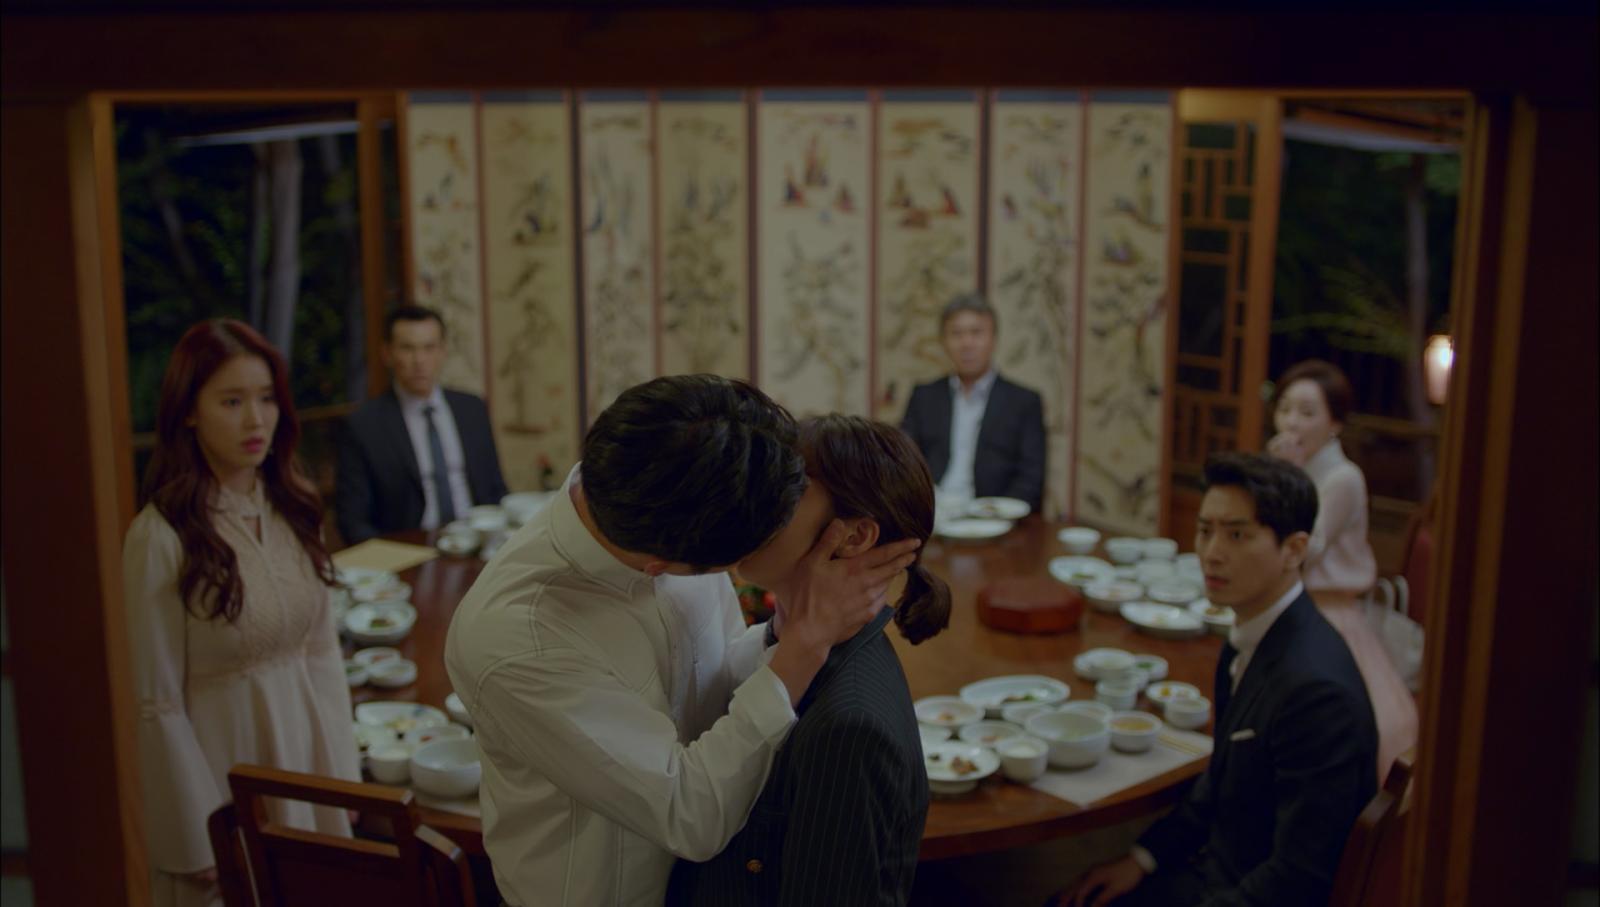 """""""ซอคังจุน"""" คว้า """"กงซึงยอน"""" จูบละมุน ต่อหน้าผู้บริหาร"""